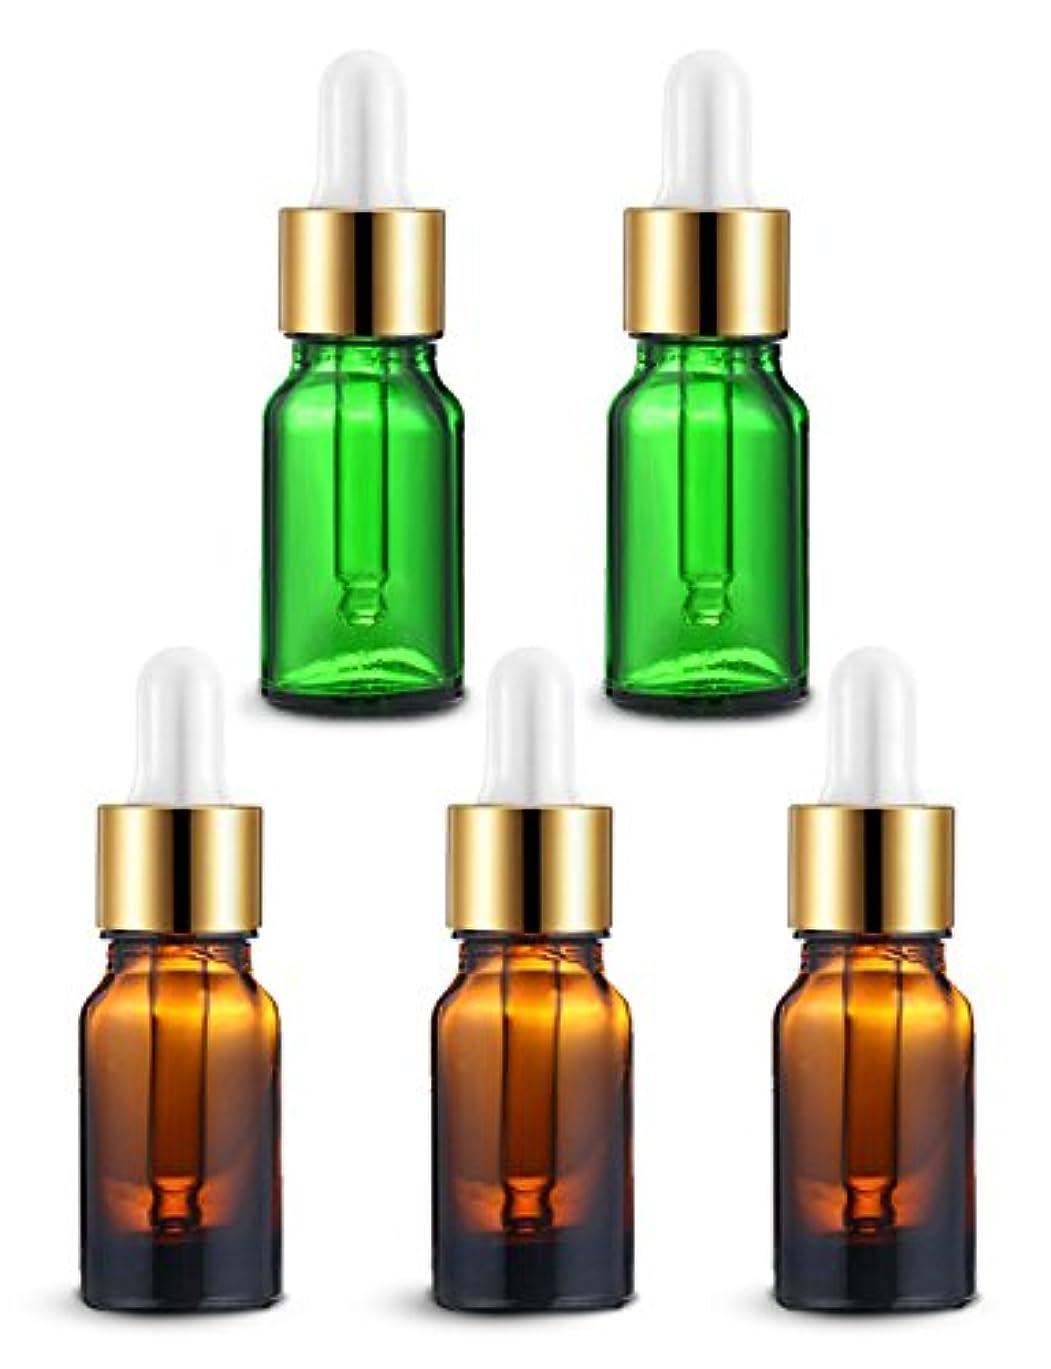 連合先祖天のENERG アロマディフューザー(全機種適応) ネブライザー式 スポイト付き精油瓶 緑2個?ブラウン3個 アロマ瓶 10ml 5個セット